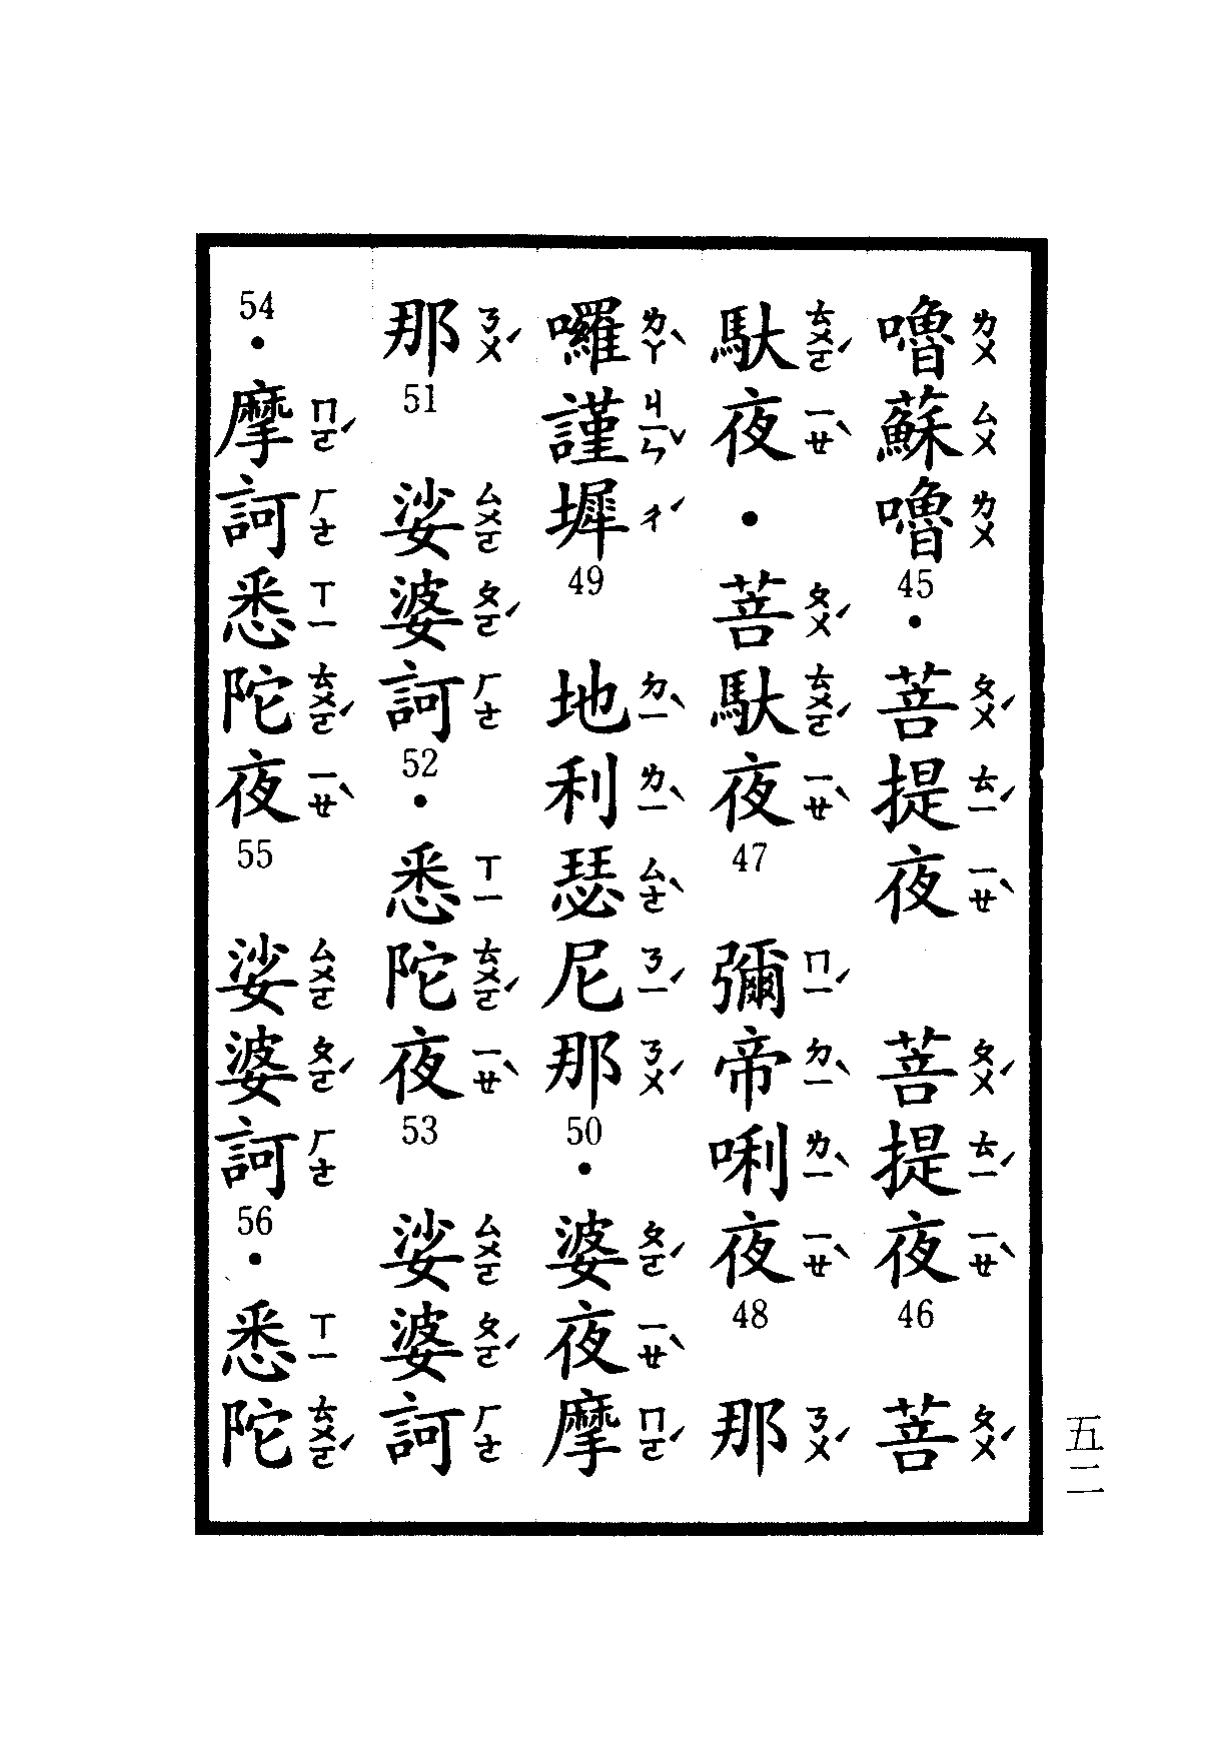 楞嚴咒-大悲咒-十小咒-易背本 58.png